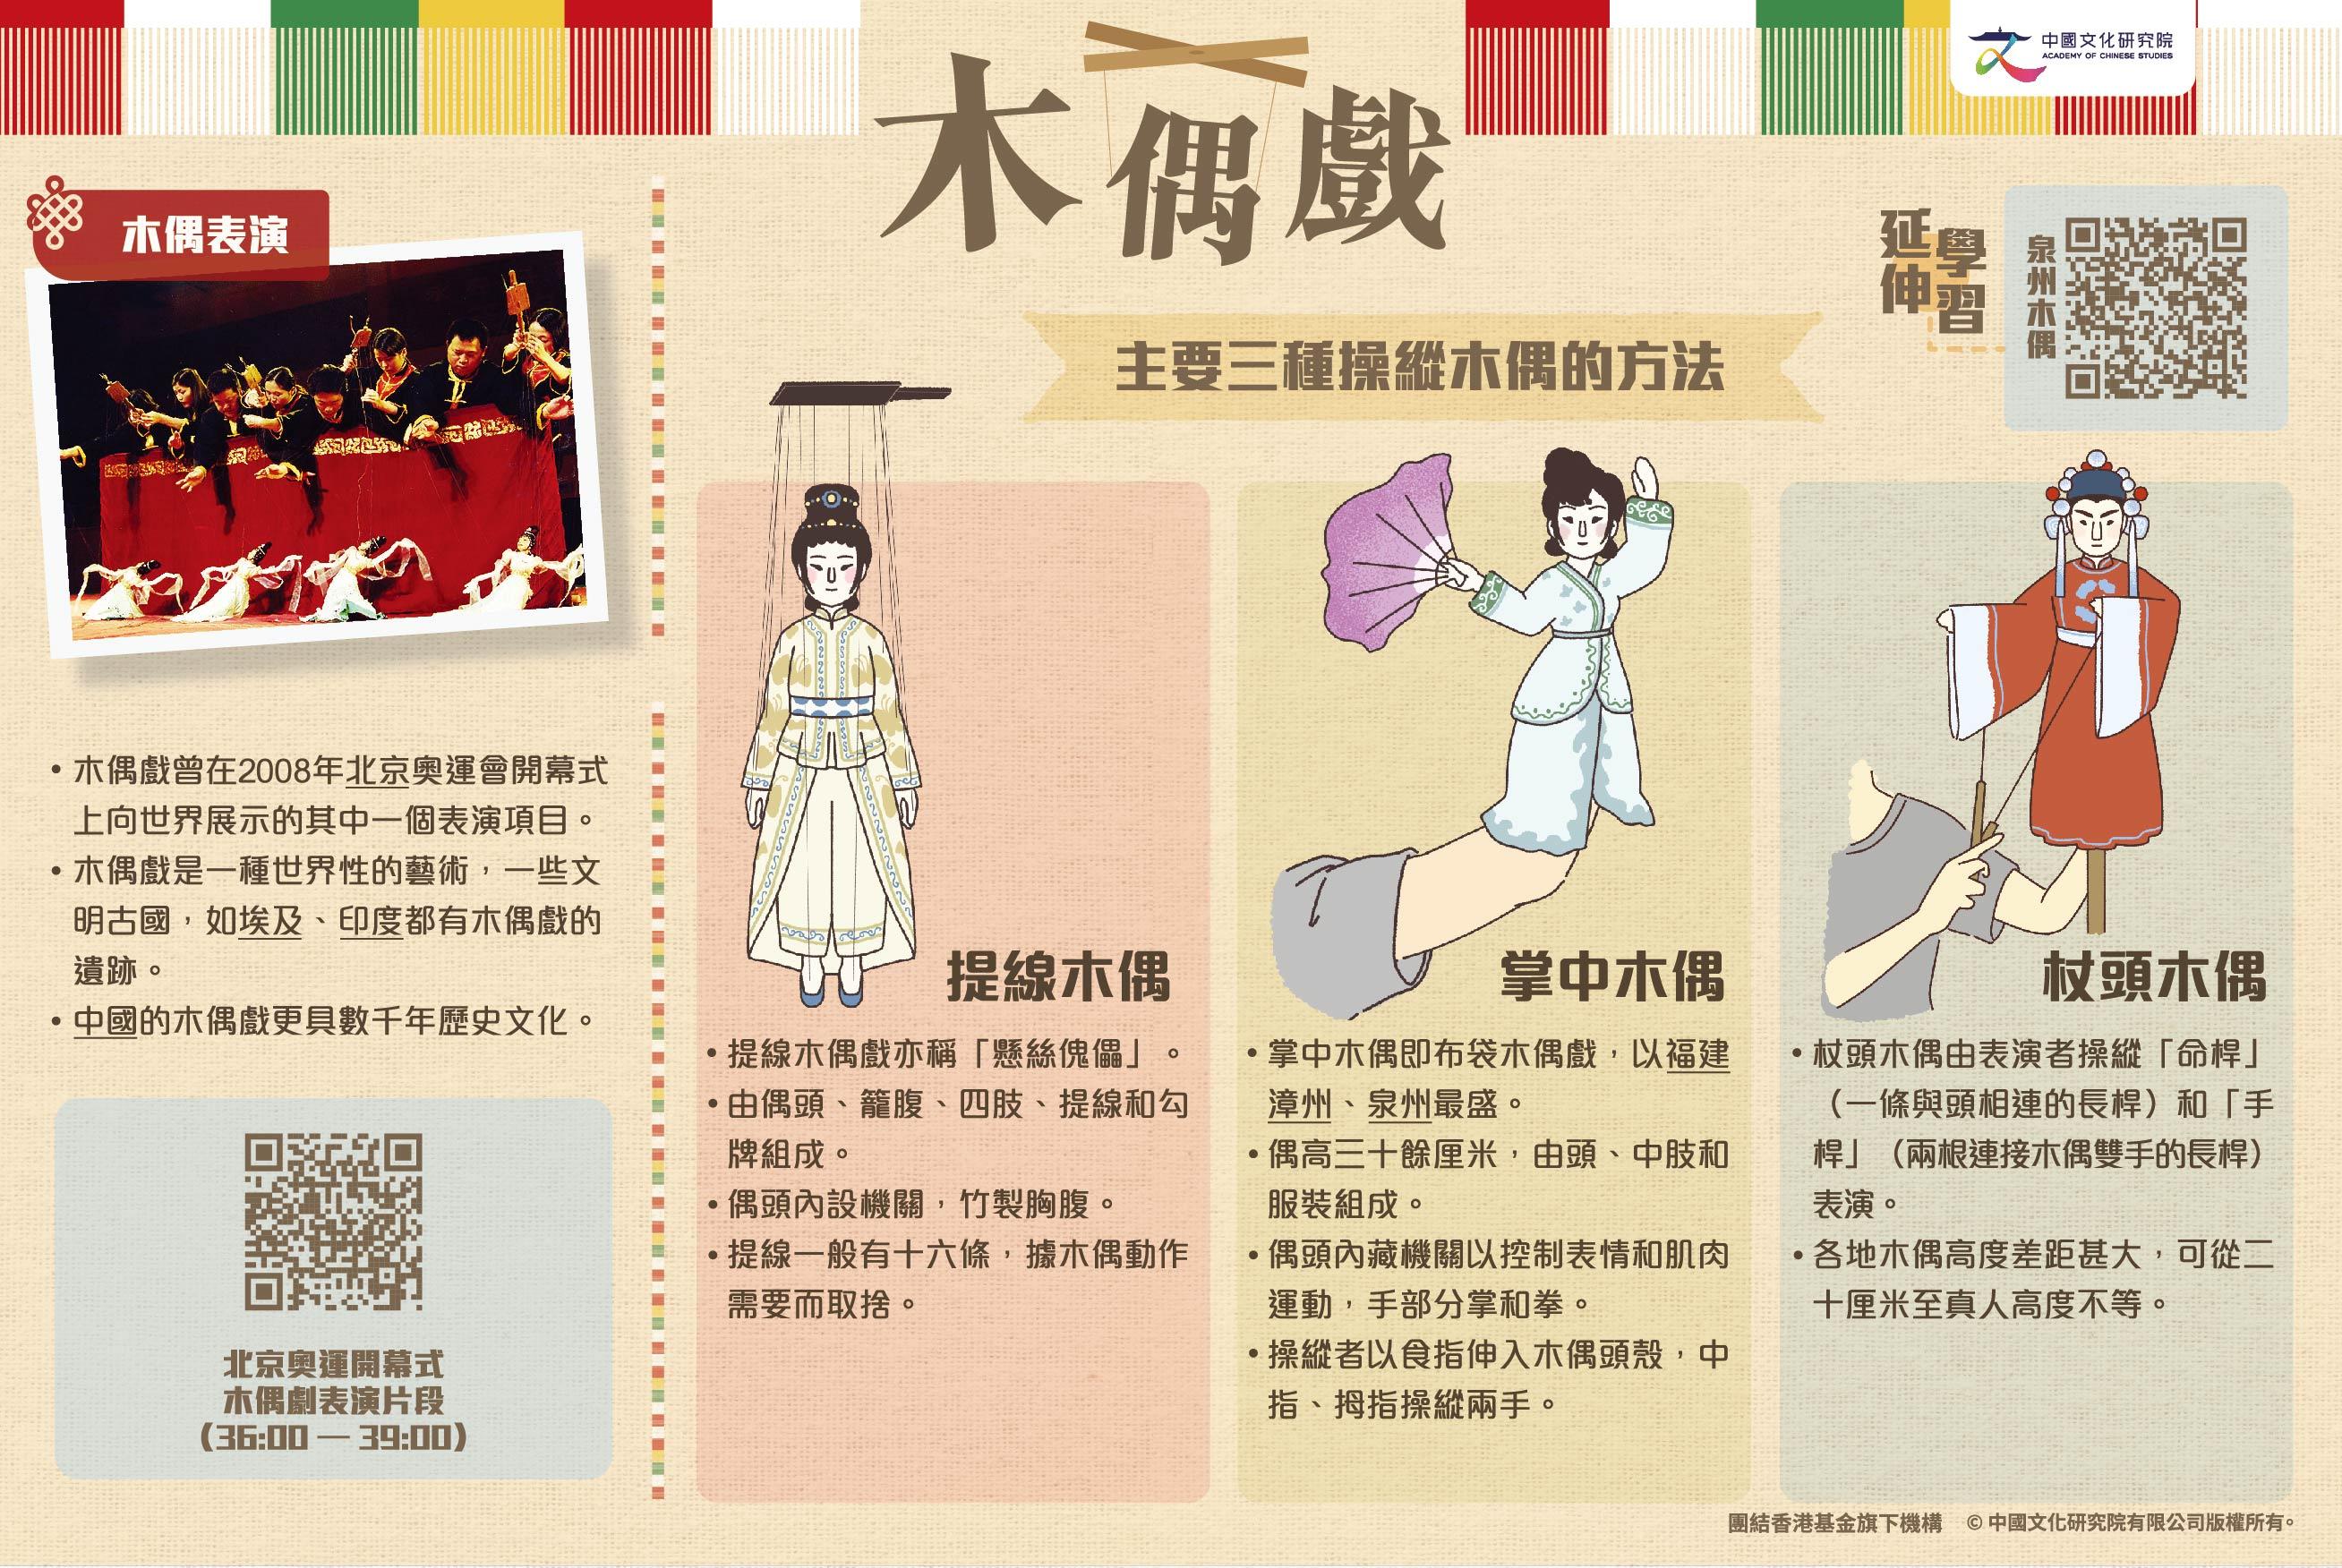 acs_zhongguominjianyishu_zhanbanop_6.8.nobleed_muouxi1